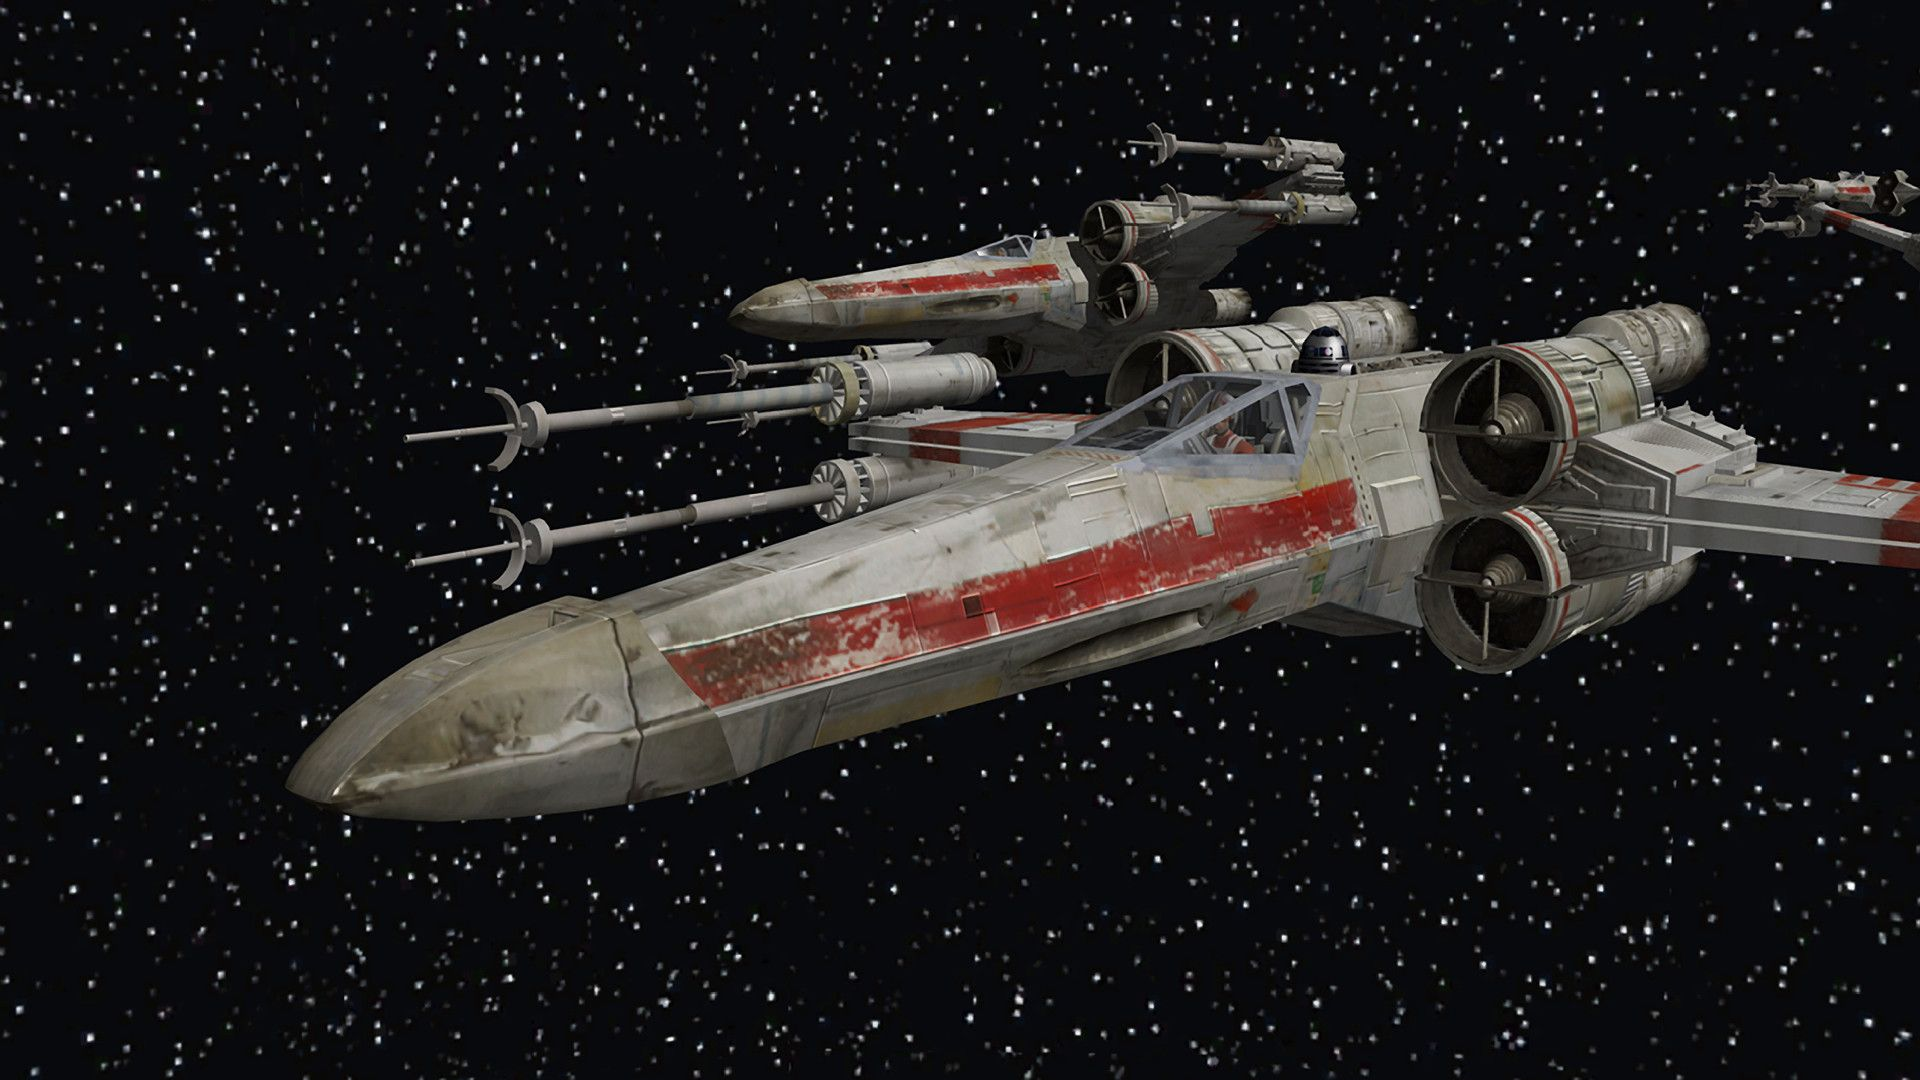 1920x1080 Star Wars 00410001 Wings Wallpaper Star Wars Wallpaper Star Wars Rogue Squadron